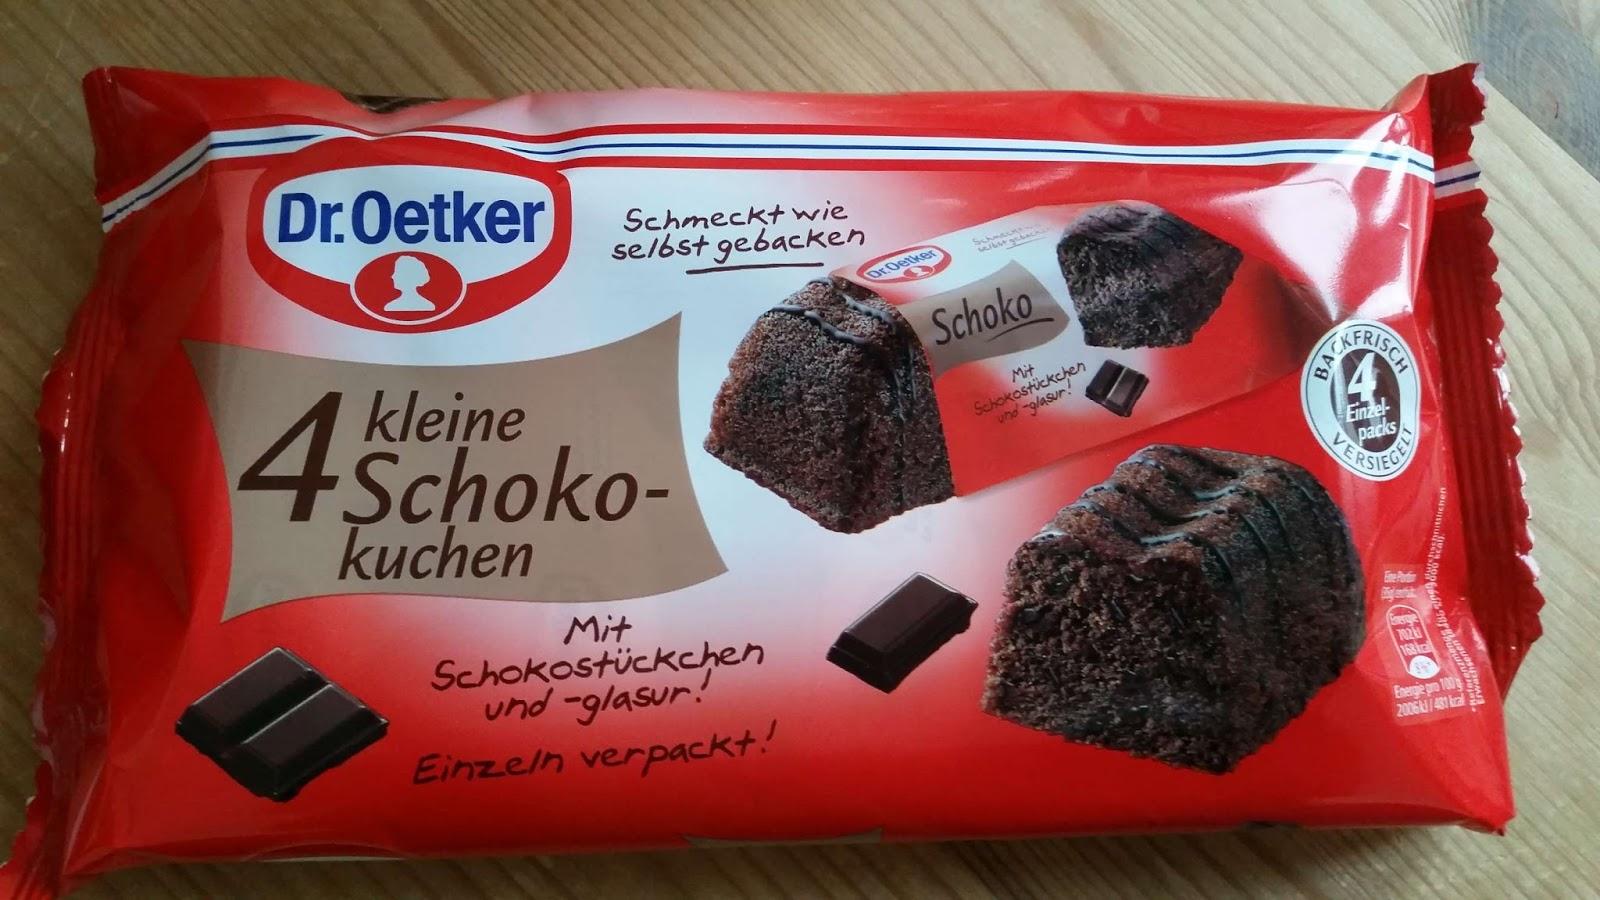 Dr Oetker 4 Kleine Schokokuchen Suffis Welt